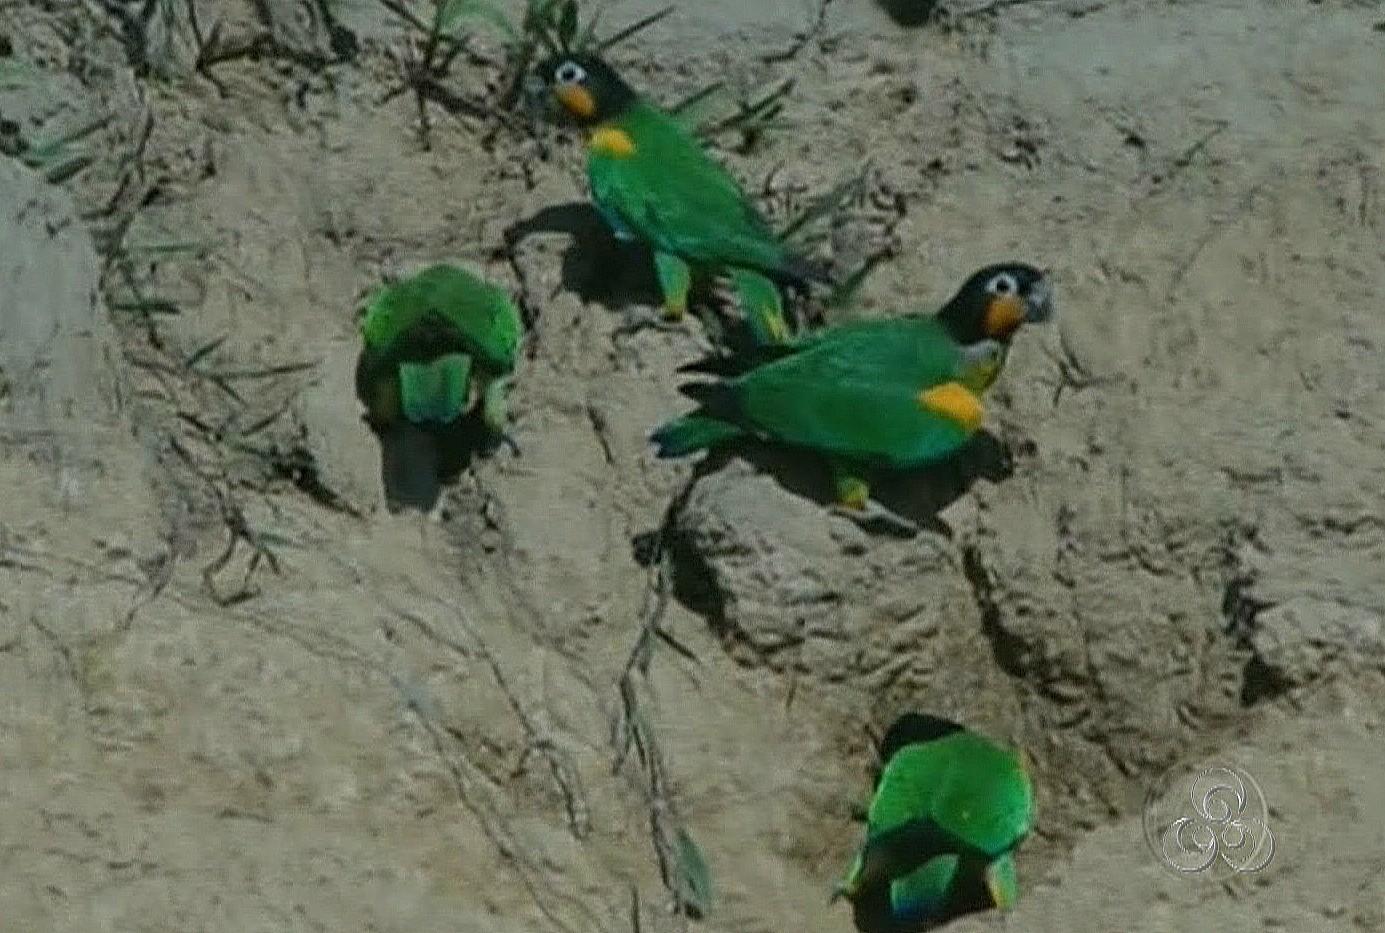 Aves se alimentam de argila na beira do Rio Madeira (Foto: Bom dia Amazônia)